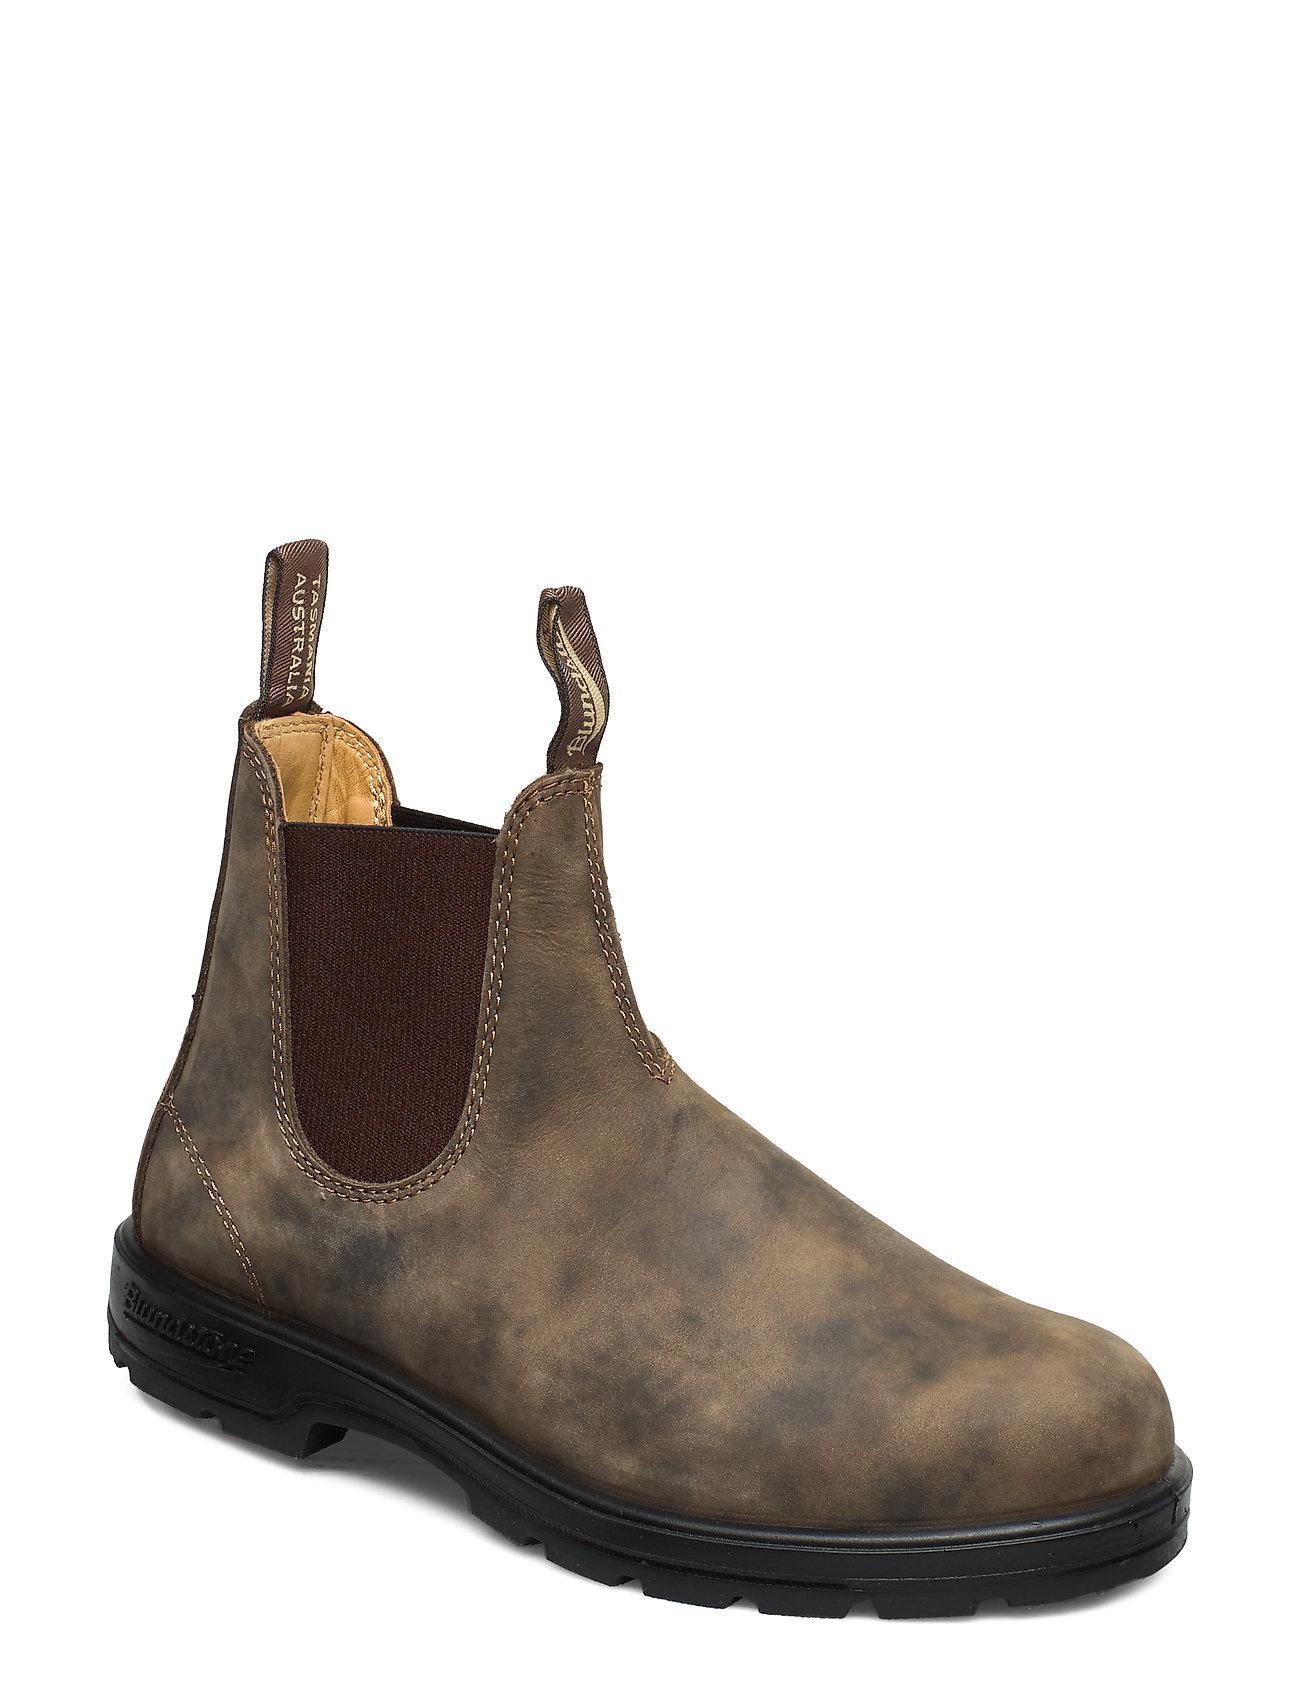 Blundstone - BL CLASSIC COMFORT (PU/TPU SOLE) - chelsea boots - rustic brown - 1